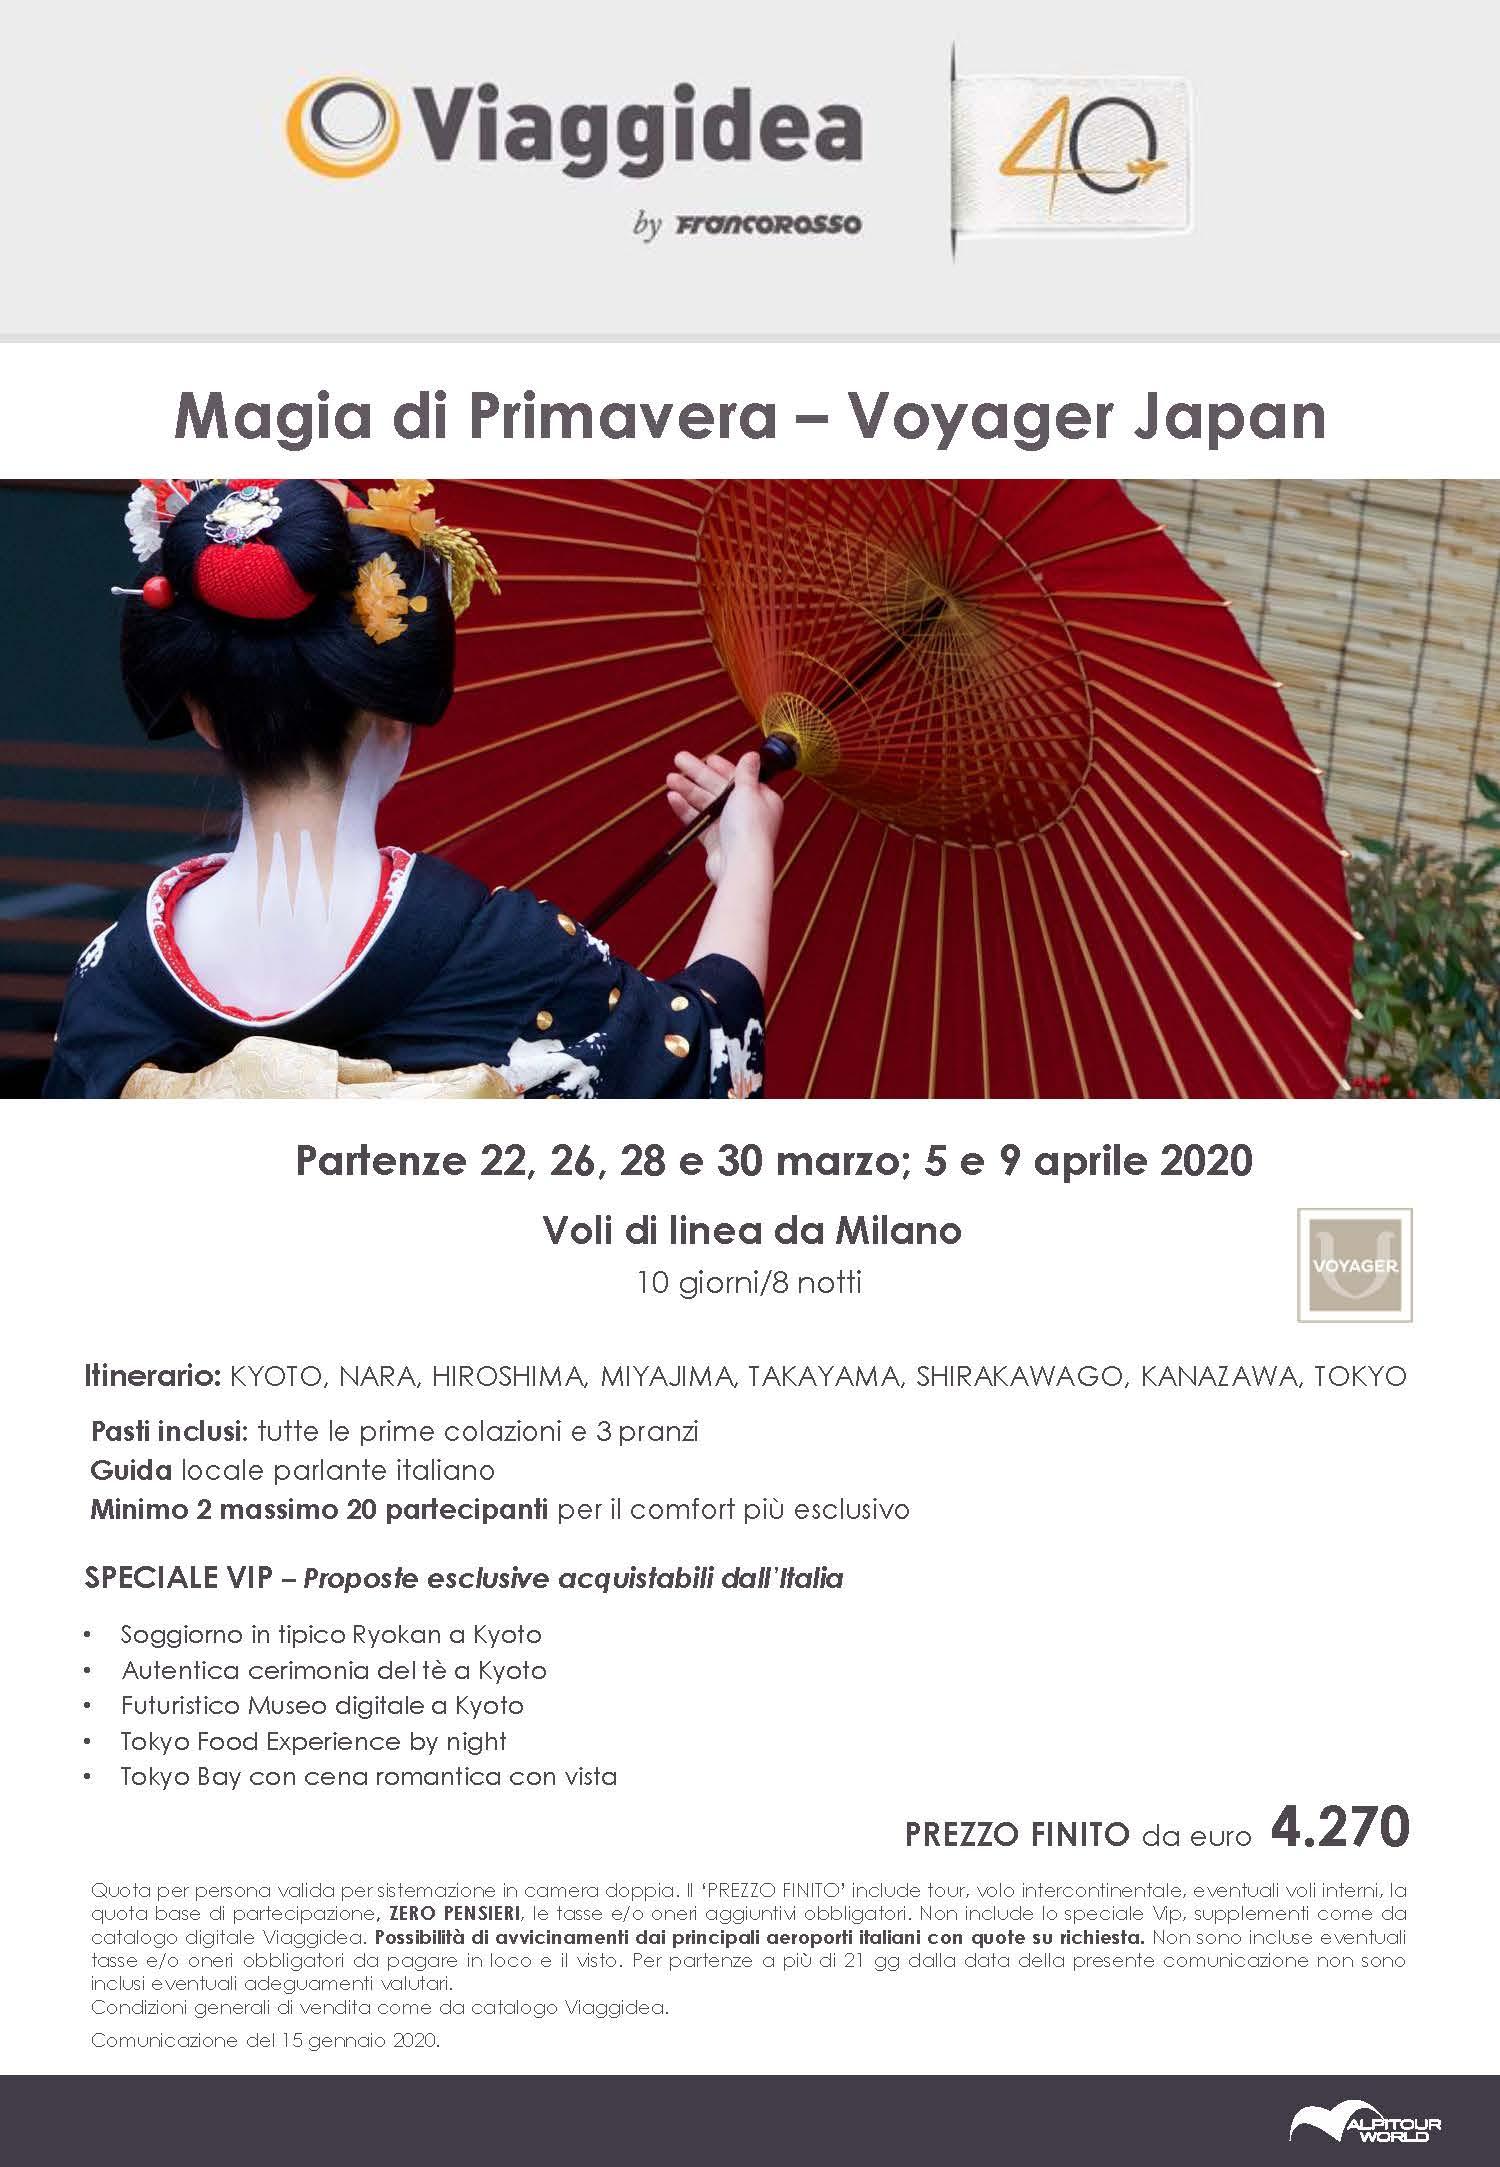 Voyager japan_Pagina_1